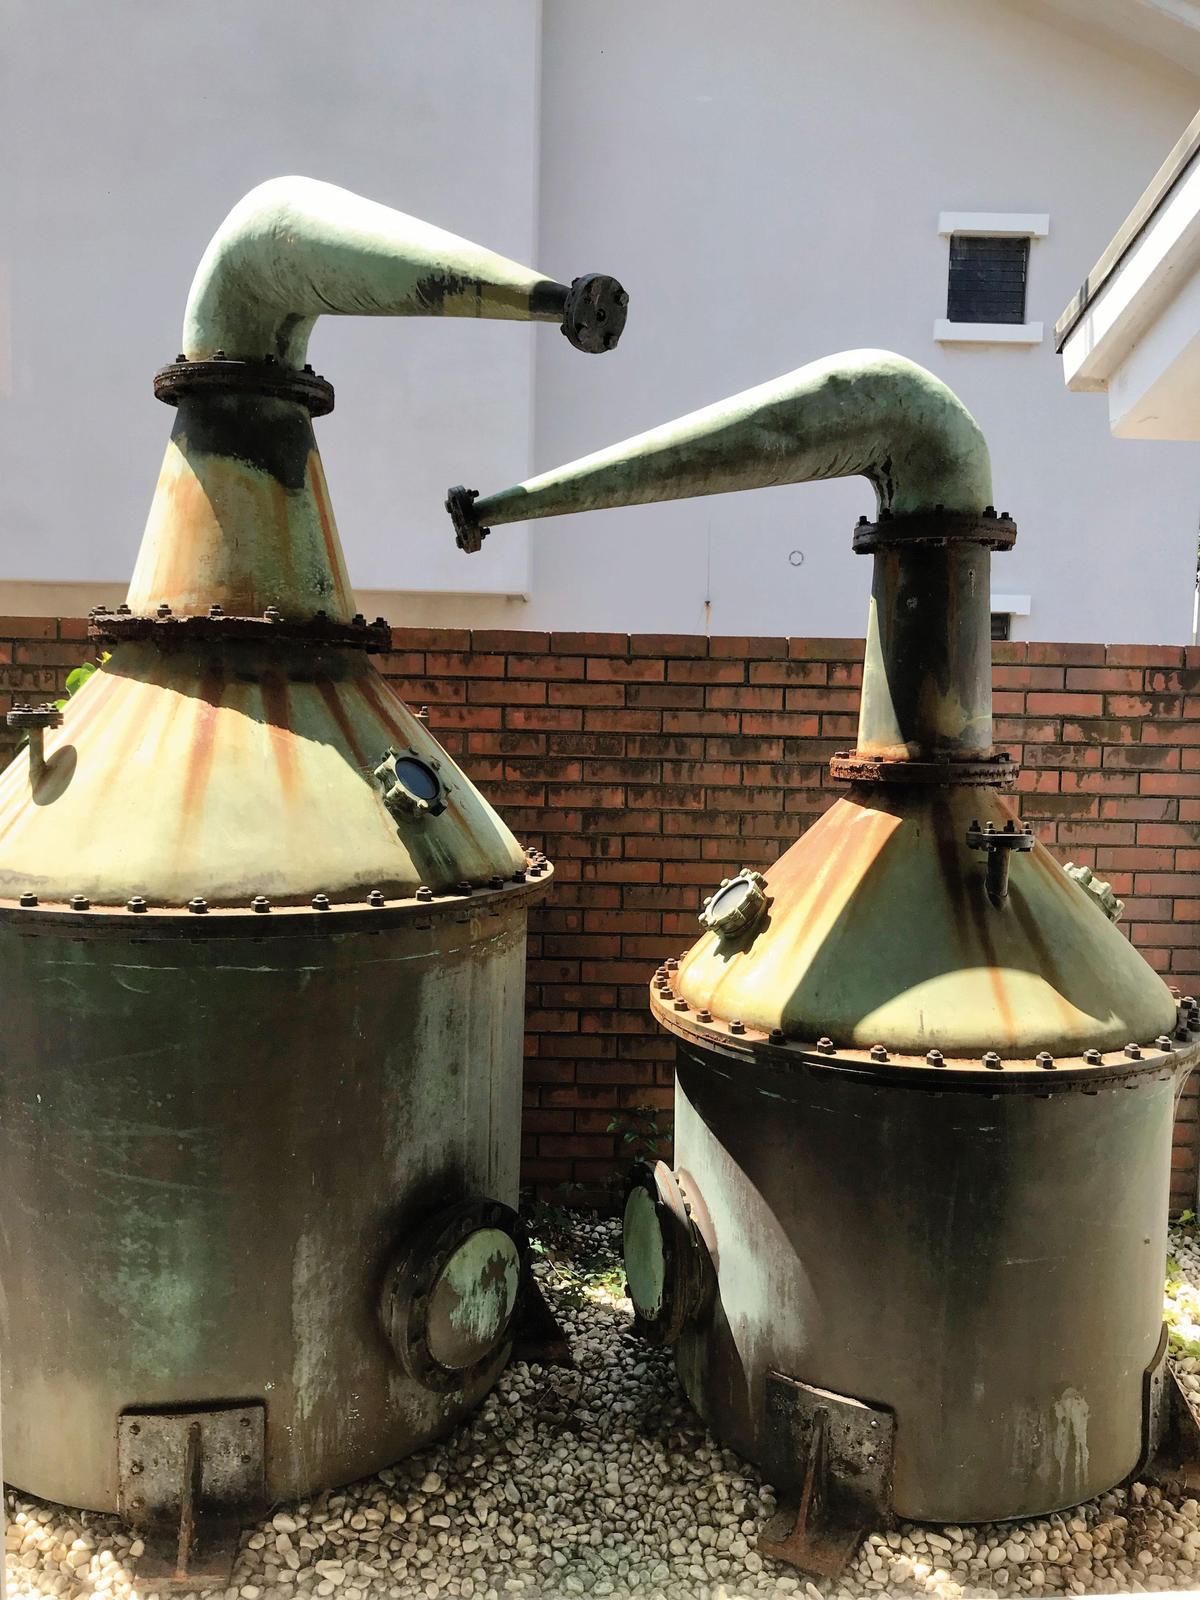 酒廠1961年才開始賣自己蒸餾的威士忌。圖為第1代蒸餾器,容量約1,000公升,已經退役。